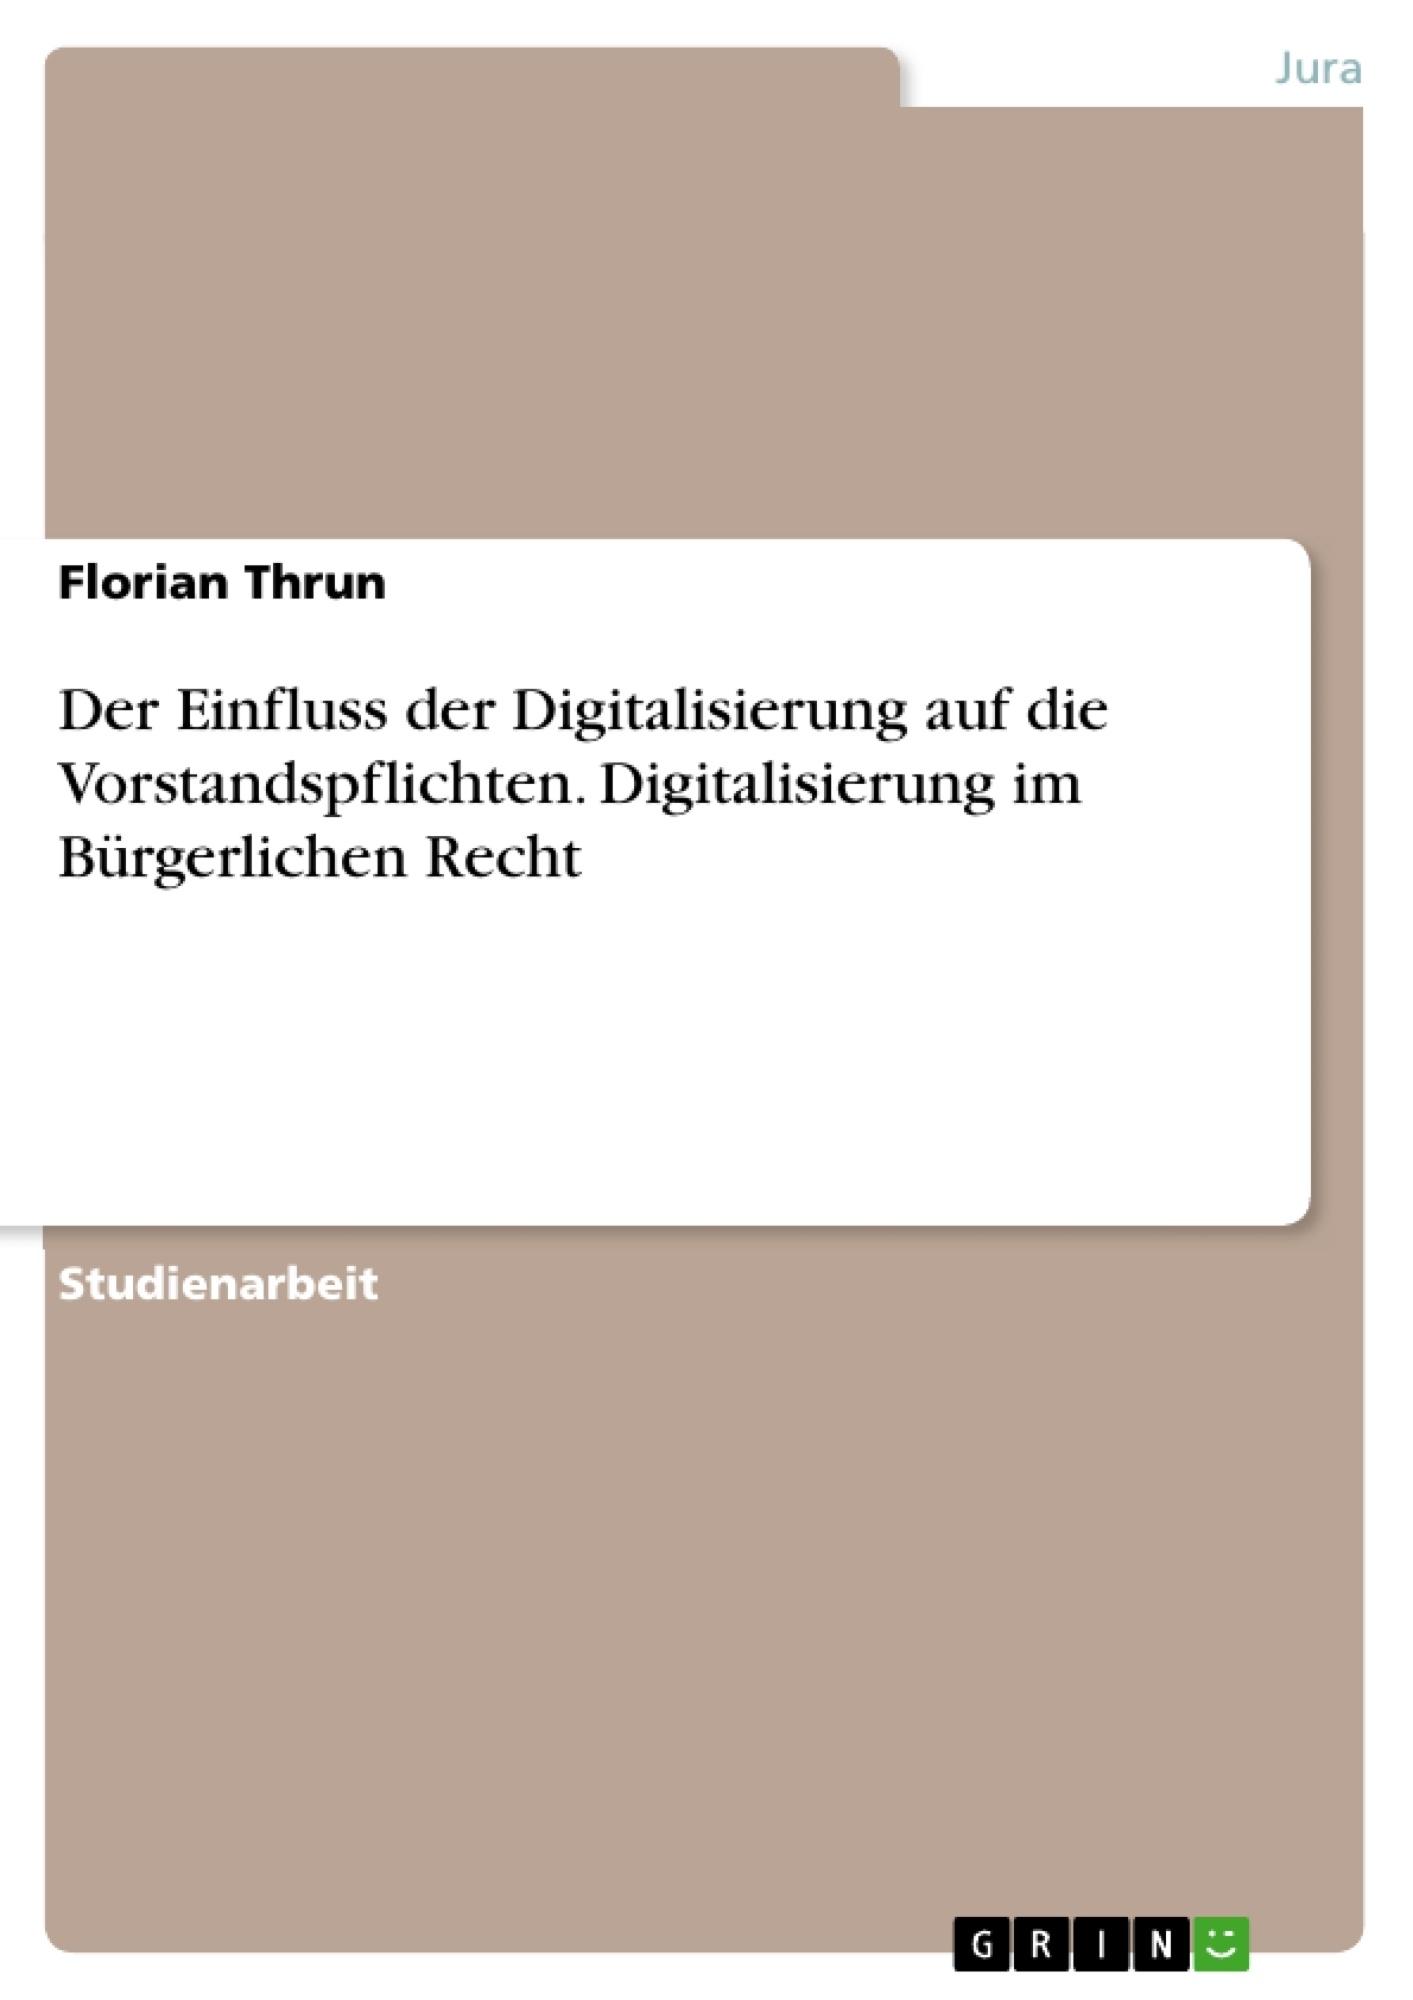 Titel: Der Einfluss der Digitalisierung auf die Vorstandspflichten. Digitalisierung im Bürgerlichen Recht